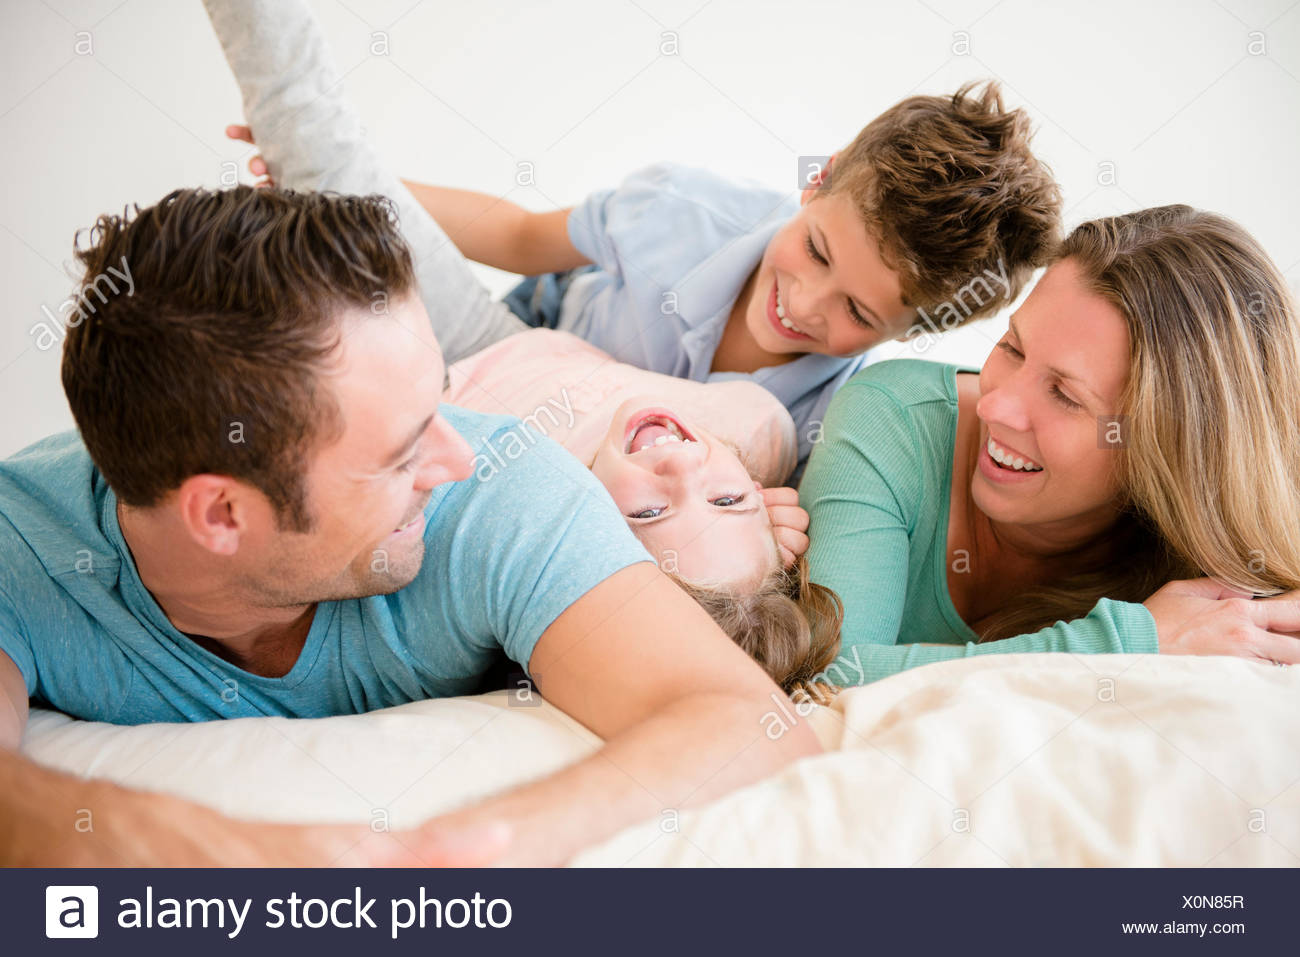 Famille avec deux enfants (6-7, 8-9) dans la chambre Photo Stock